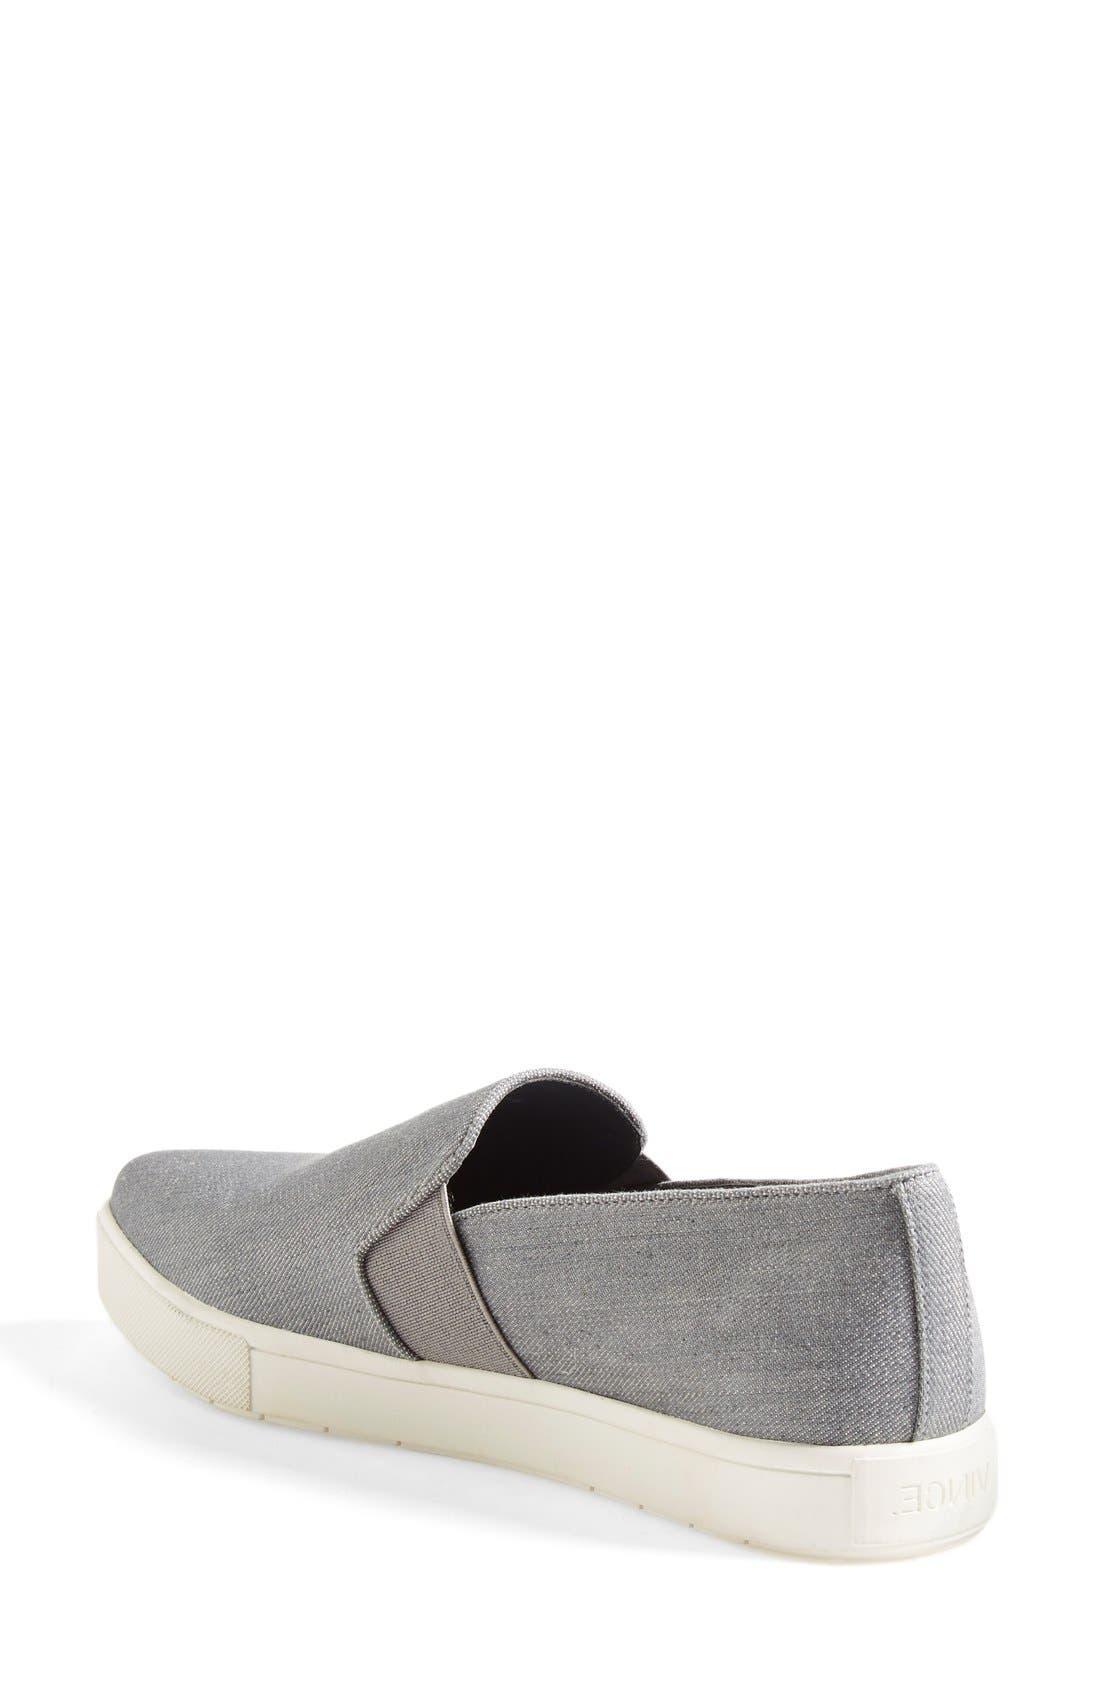 Alternate Image 2  - Vince 'Pierce' Slip-On Sneaker (Women)